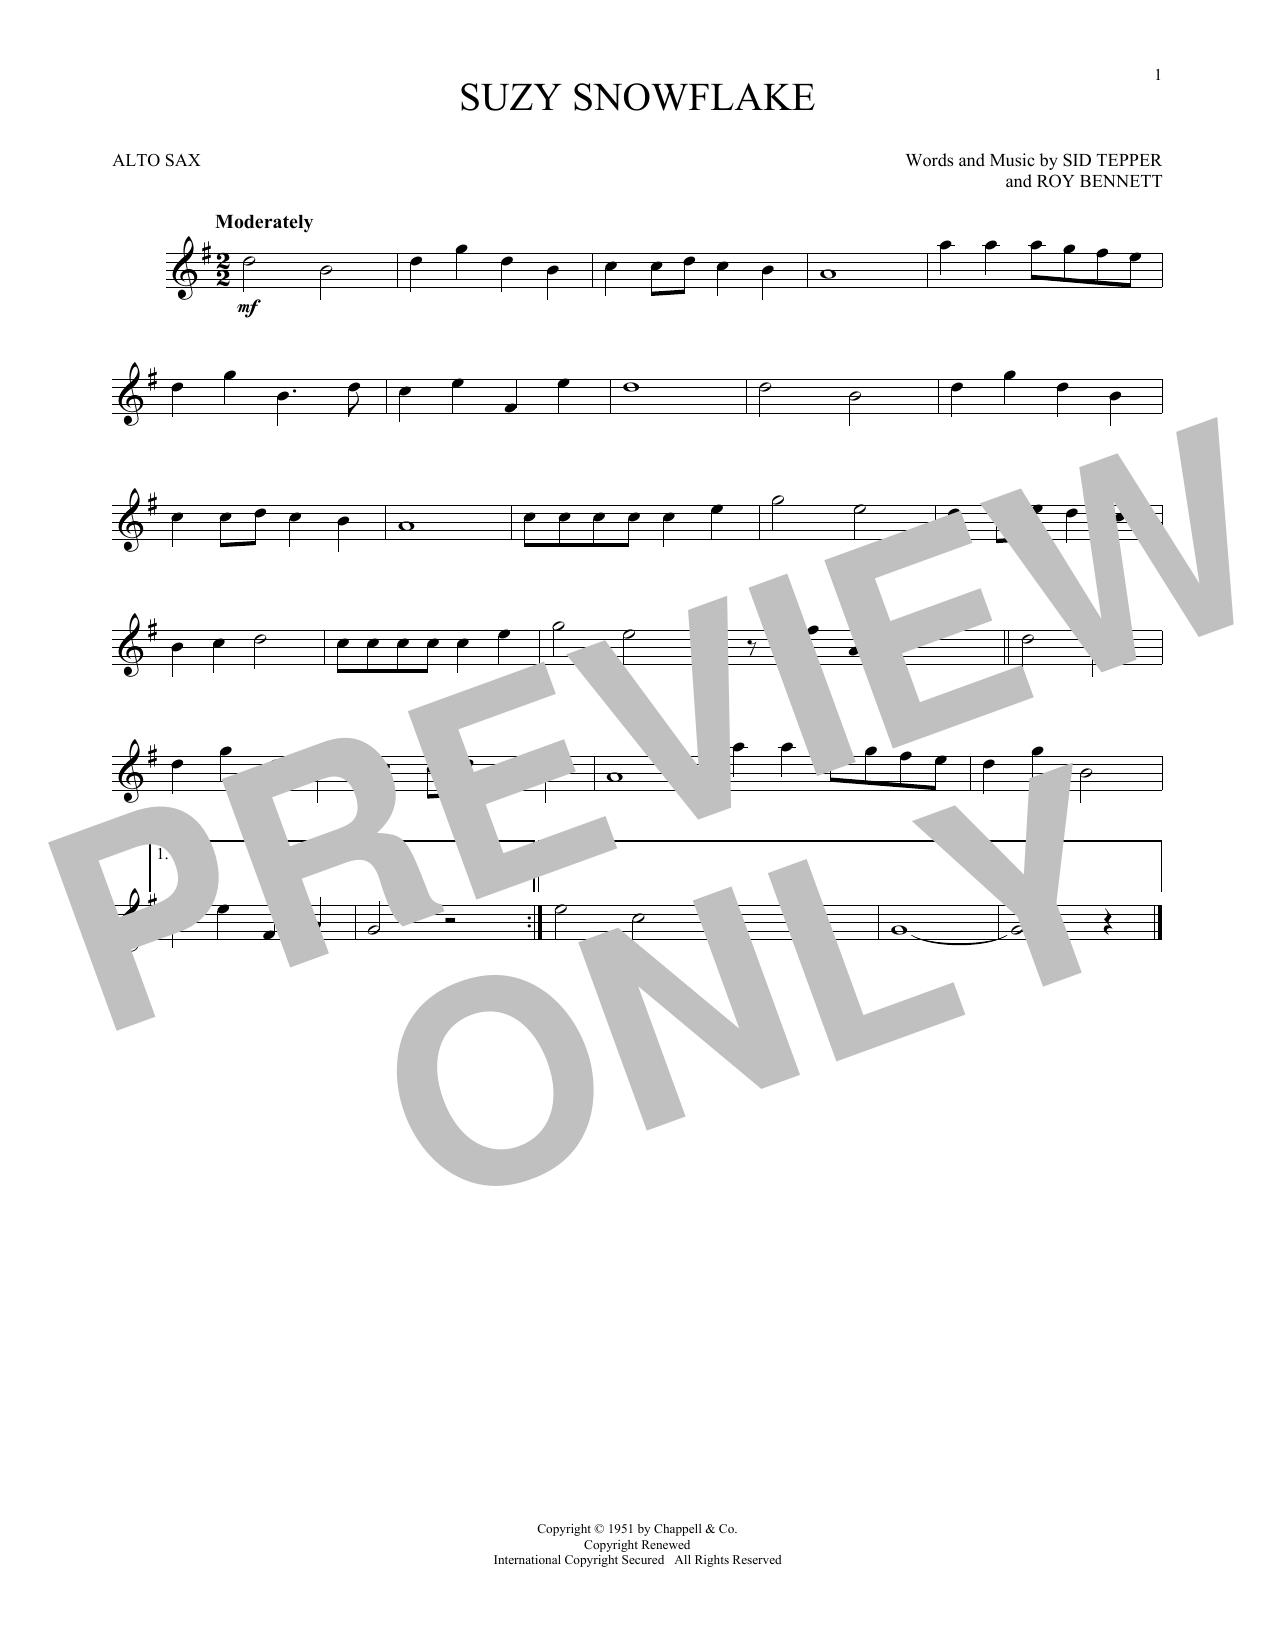 Sheet Music Digital Files To Print - Licensed Roy Bennett Digital ...